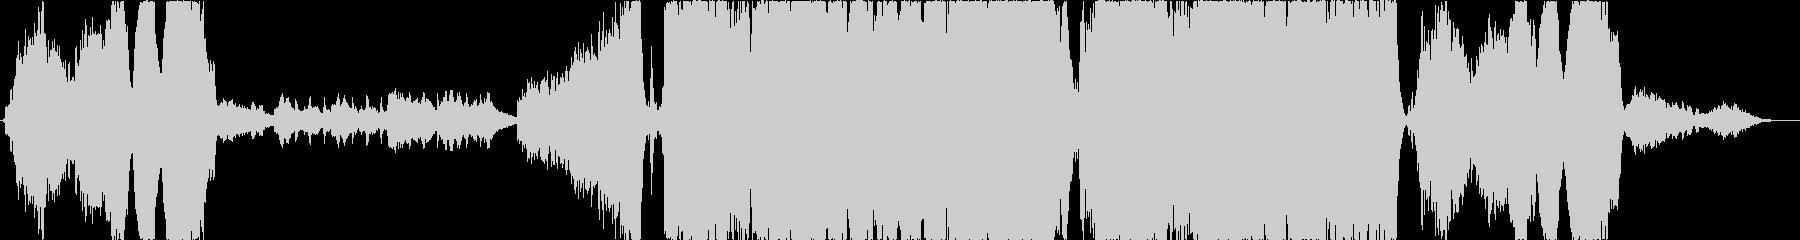 壮大なハリウッド系エピックトレイラーの未再生の波形